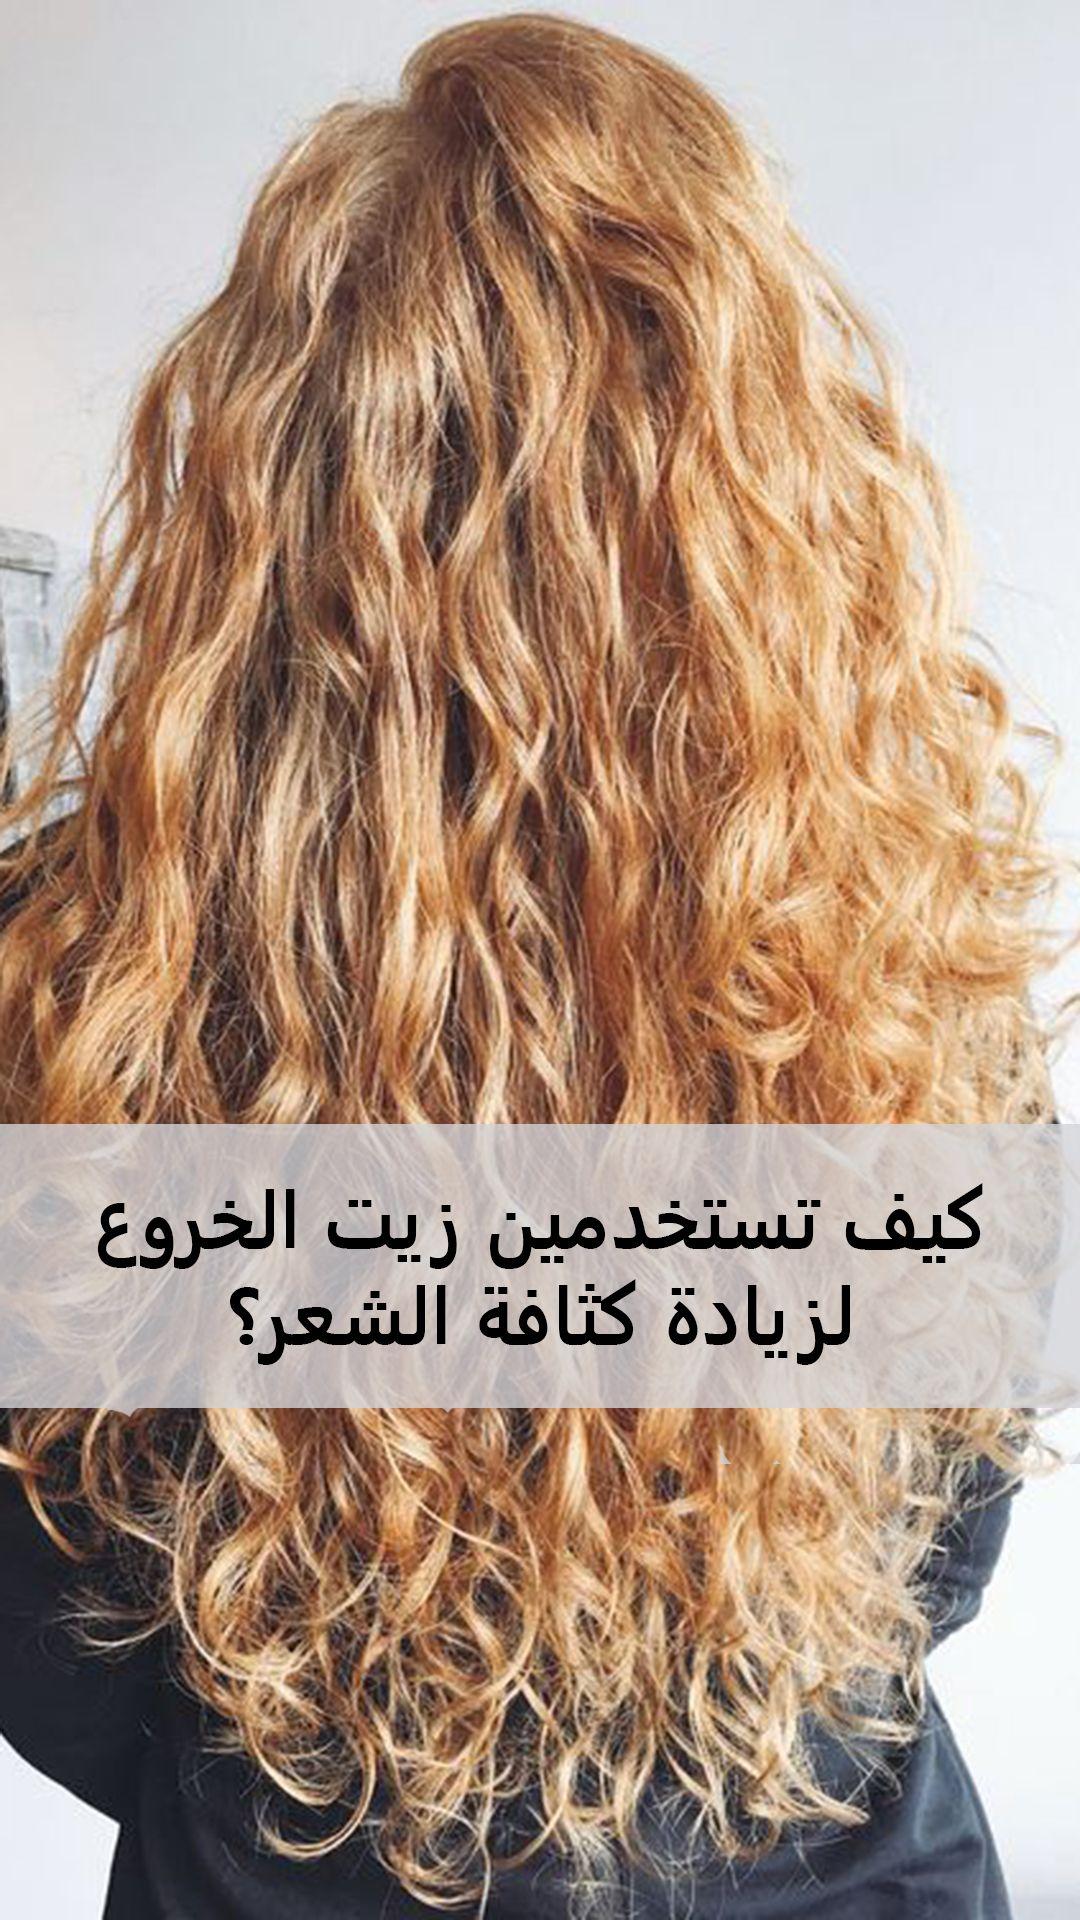 كيف تستخدمين زيت الخروع لزيادة كثافة الشعر Hair Care Recipes Beauty Skin Care Routine Long Hair Styles